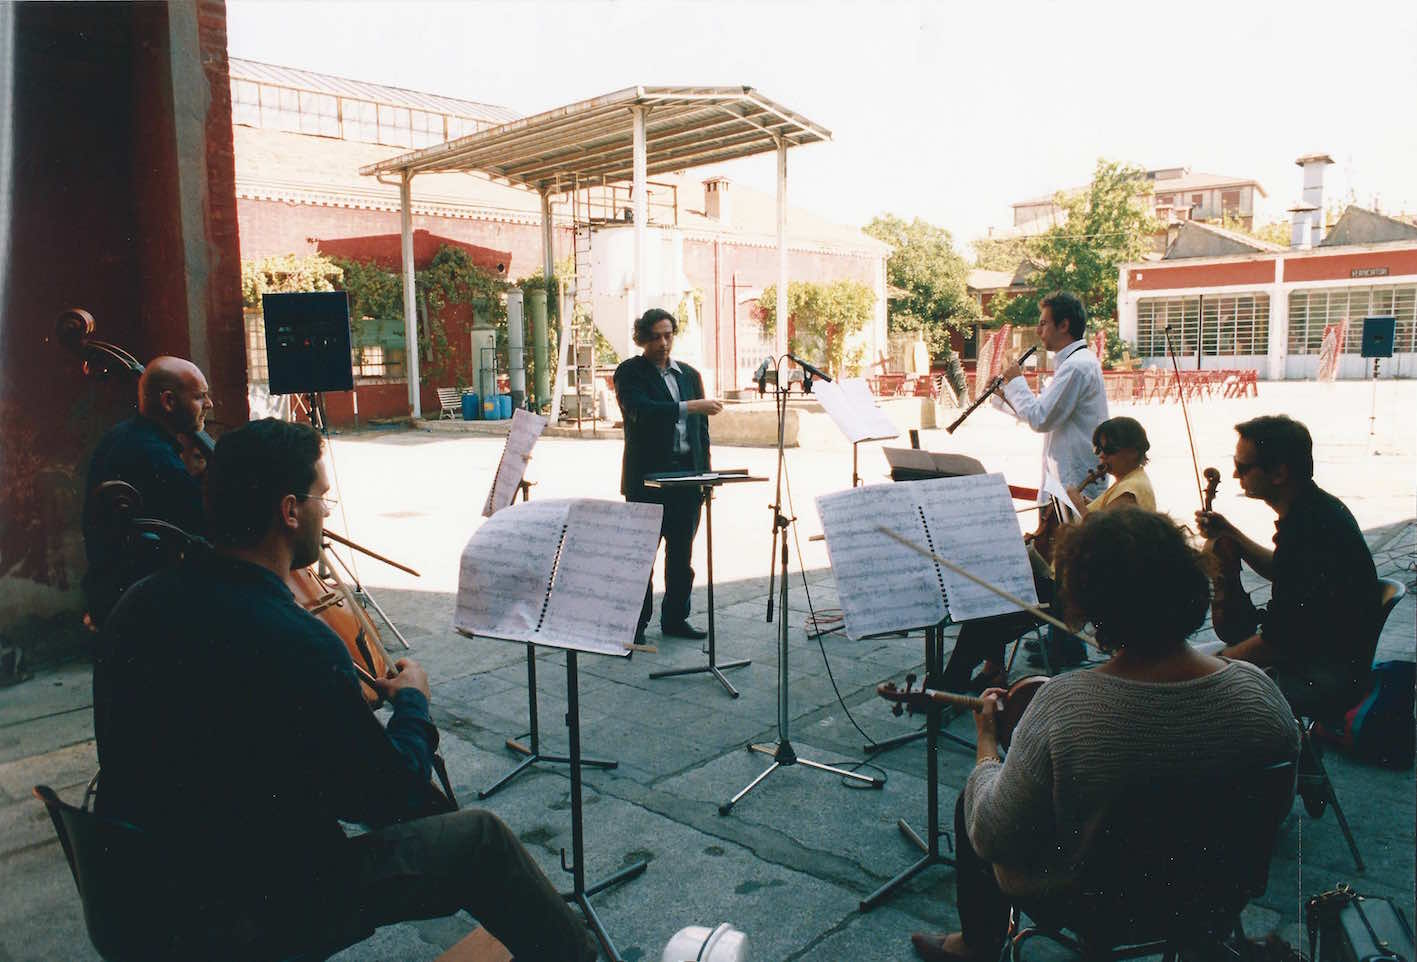 ALBERTO CAPRIOLI, REHEARSALS OF ELEGIA PER CARLO MICHELSTAEDTER, CARLO TENAN, SOLO OBOE AND OBOE D'AMORE, TANIA EICK, RECITER'S VOICE, ORCHESTRA DA CAMERA CITTÀ DI FERRARA, ALBERTO CAPRIOLI, COND., FESTE MUSICALI, BOLOGNA, CANTIERI DELLE EX-OFFICINE STA.VE.CO., SEPT. 1998, PHOTO PRIMO GNANI